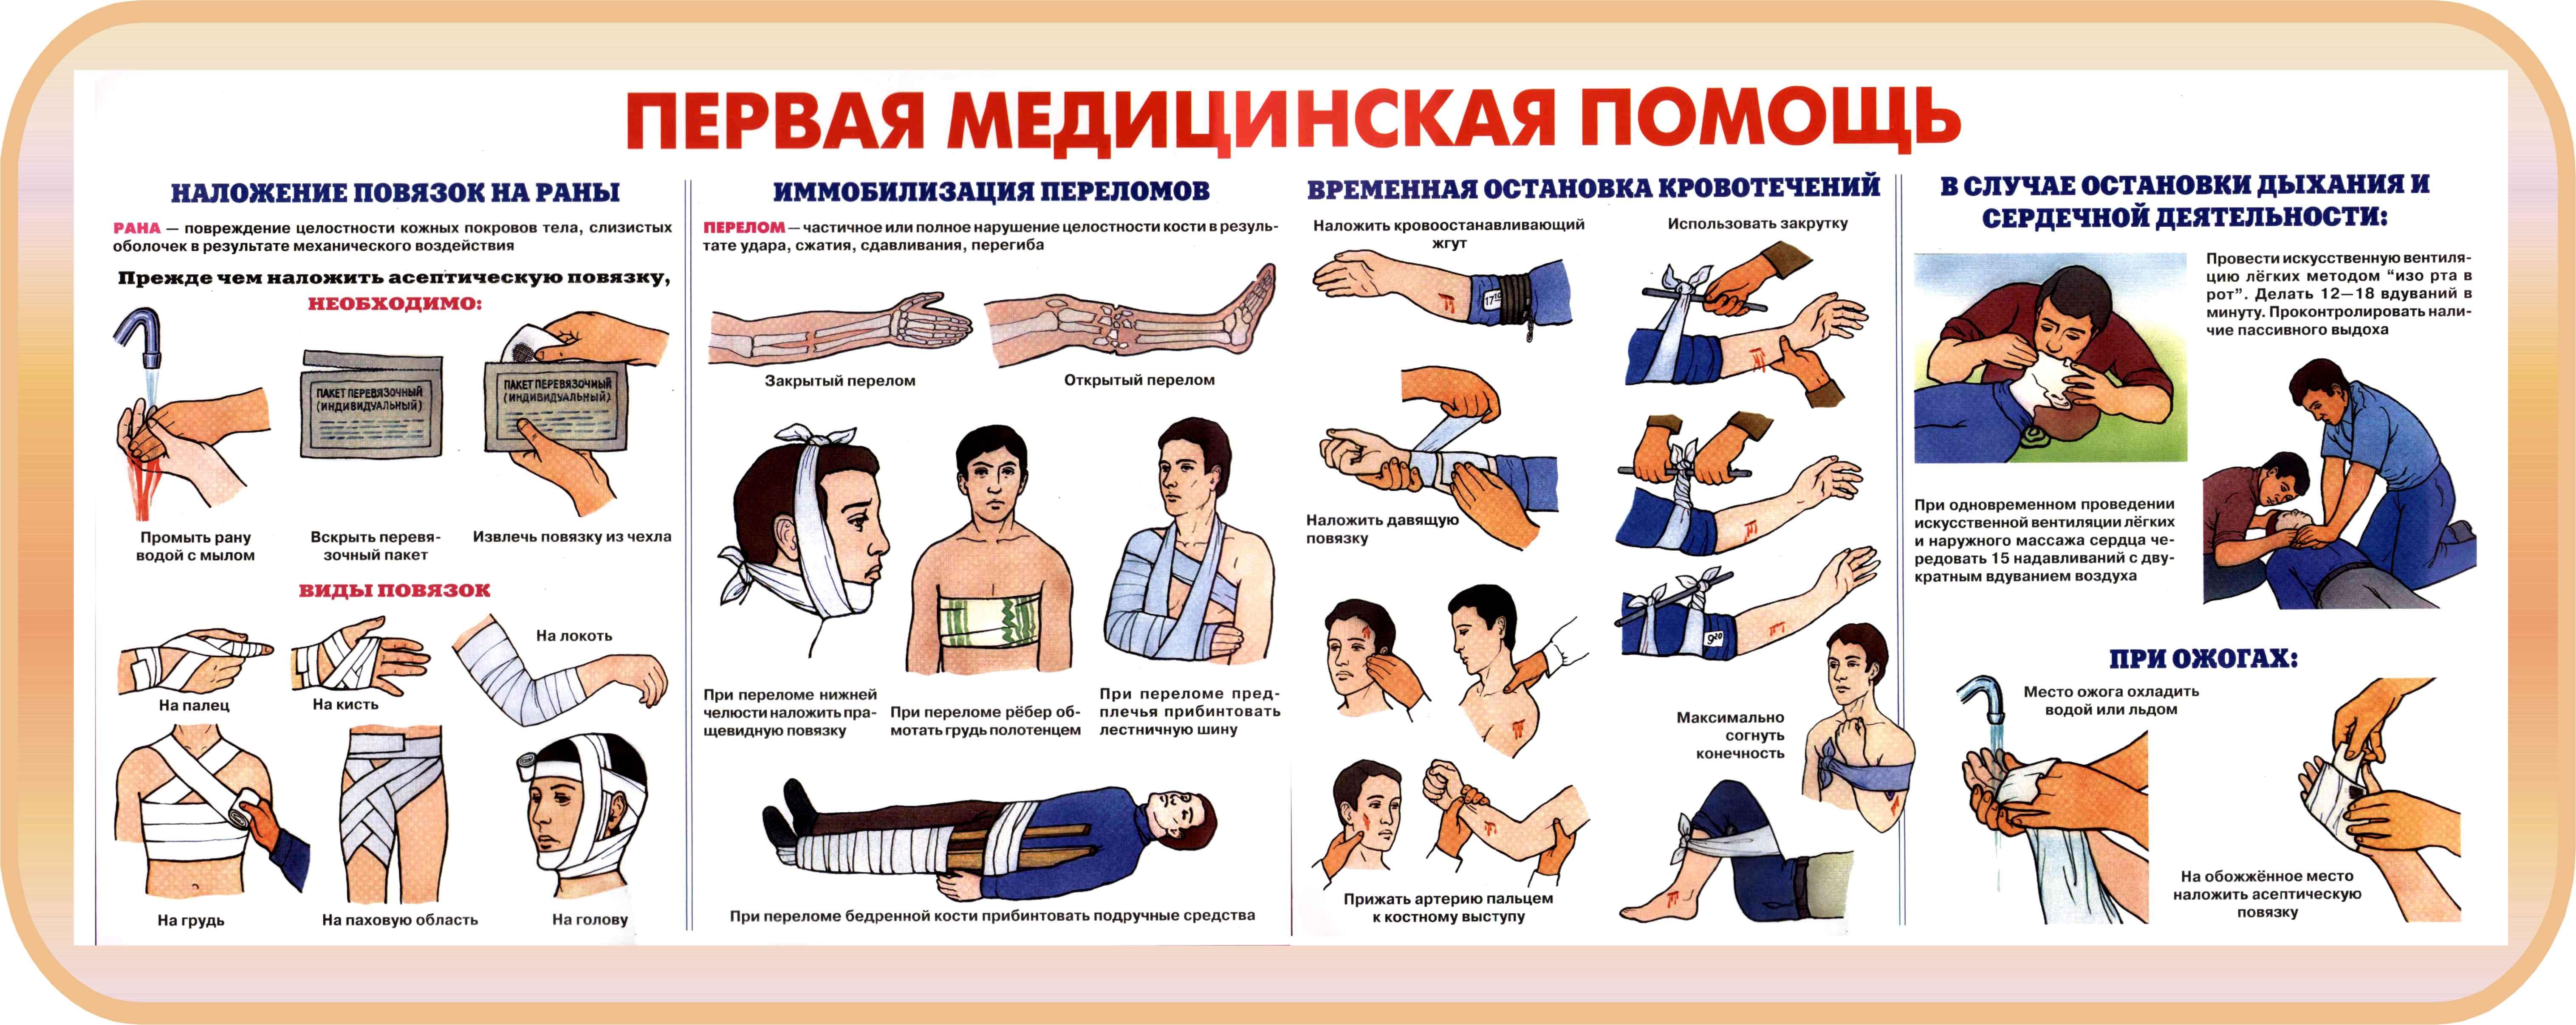 Первая помощь при гипертонии. Оказание первой помощи при ...